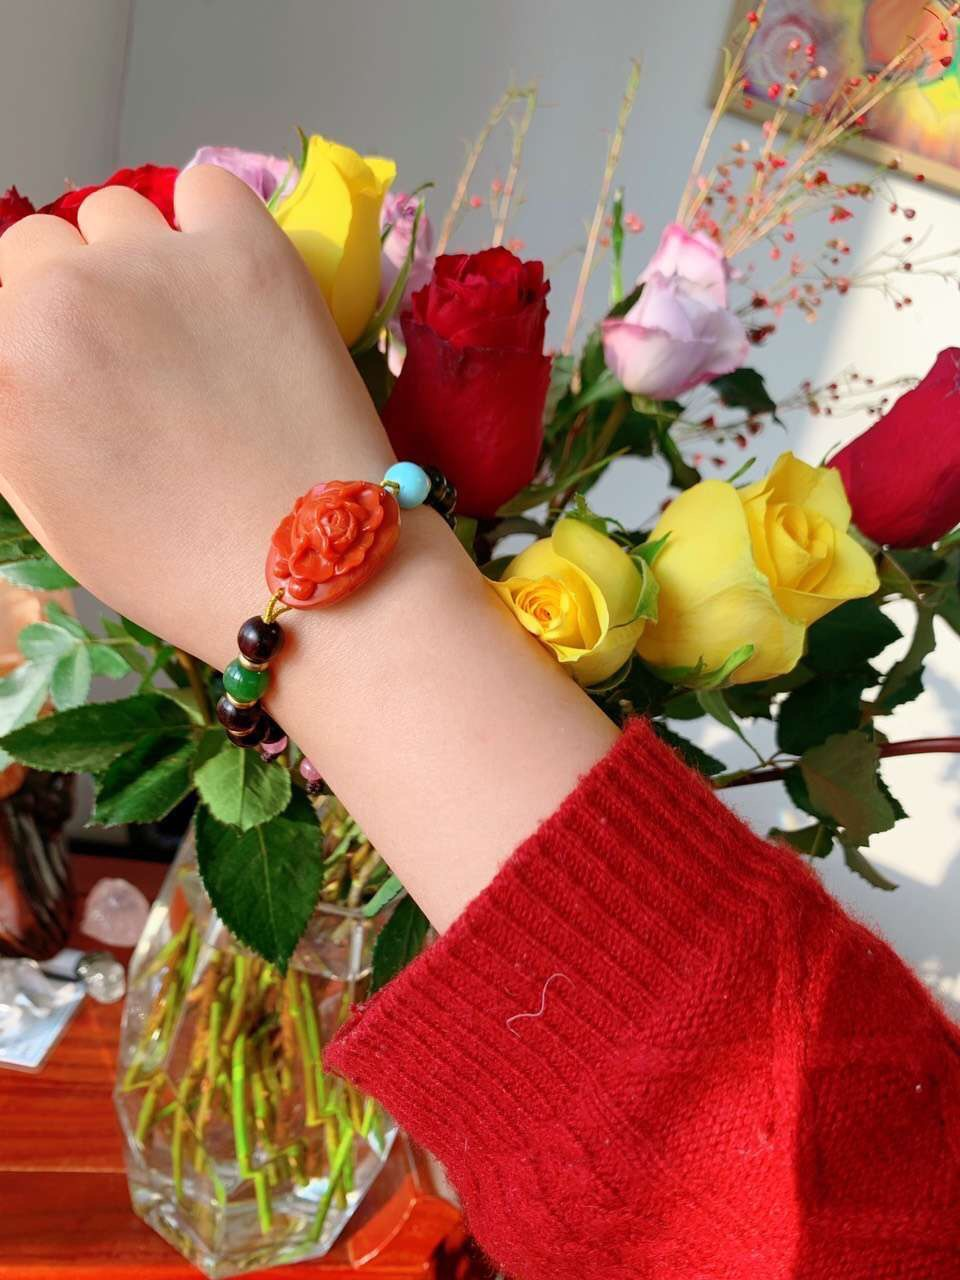 【古风南红】 等待一场姹紫嫣红的花事-菩心晶舍